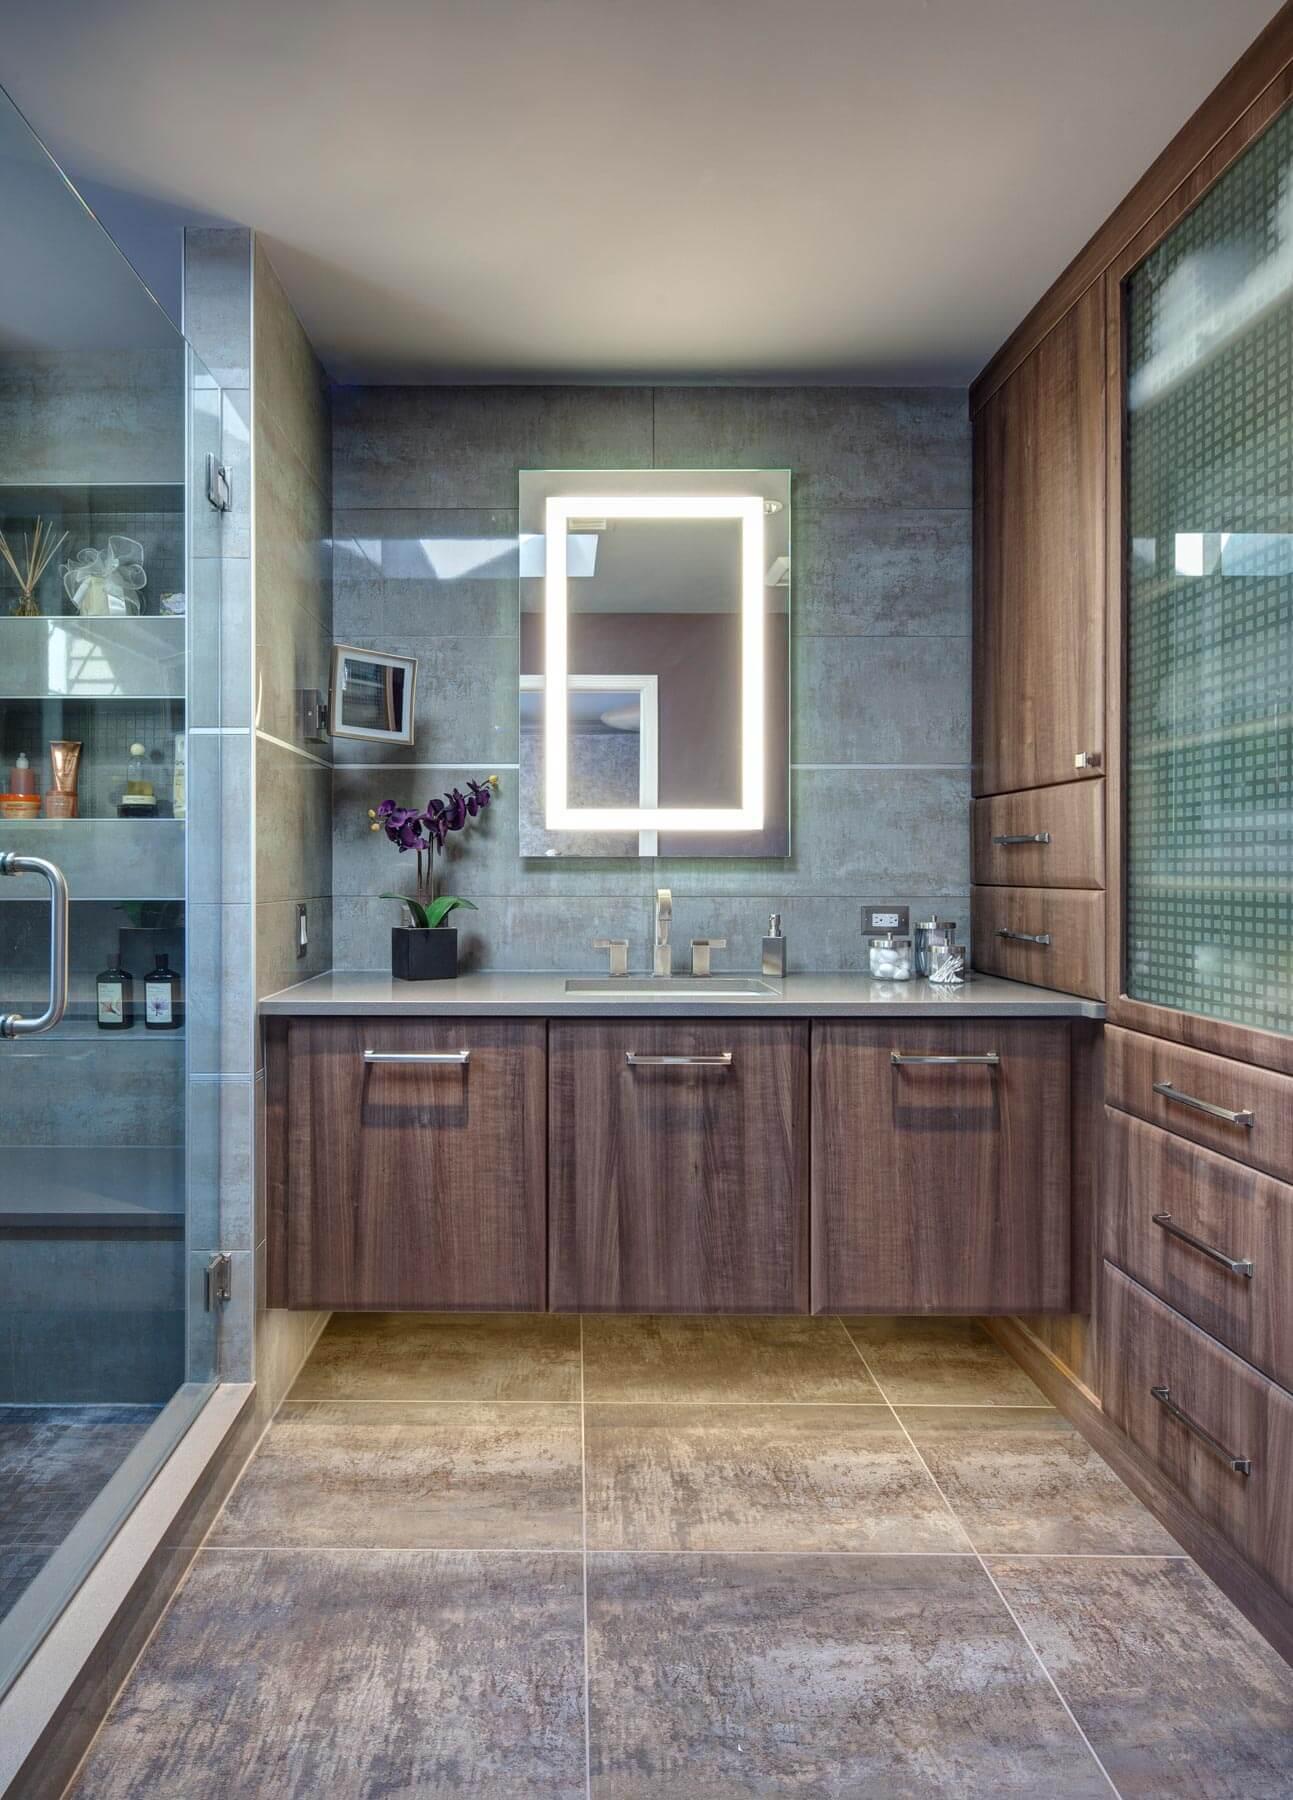 La salle de bains présente des matériaux de couleur naturelle de grand format et un miroir de courtoisie avec éclairage intérieur.  Une palette de marron et de bleus apaisants a été utilisée dans cette salle de bain principale nouvellement rénovée, tandis que la fonctionnalité a été ajoutée via une gamme de rayonnages de douche et d'armoires.